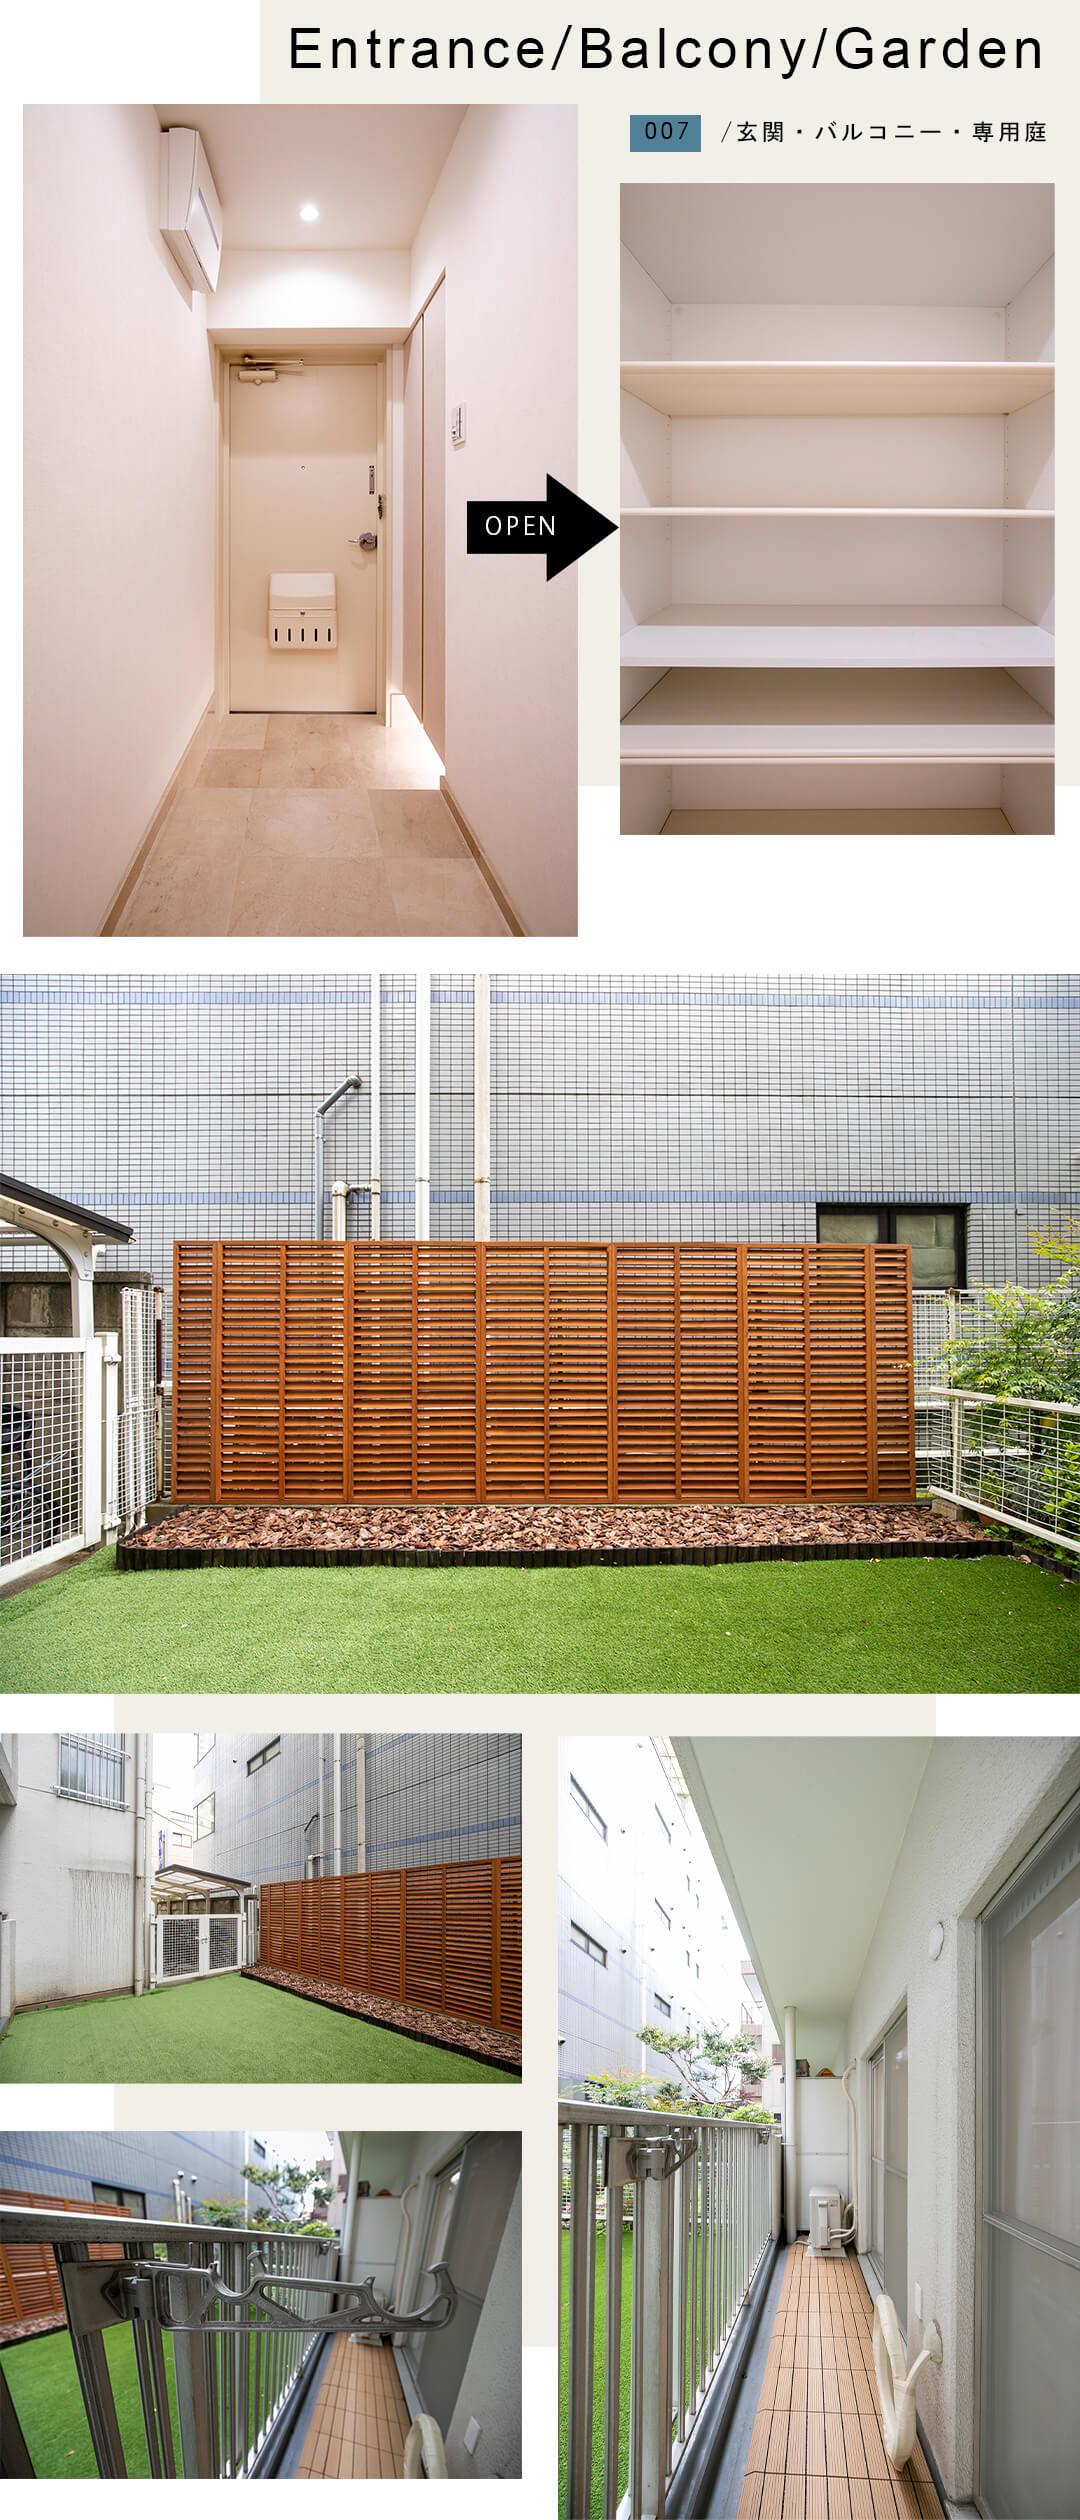 007玄関,バルコニ―,専用庭,Entrance,Balcony,Garden